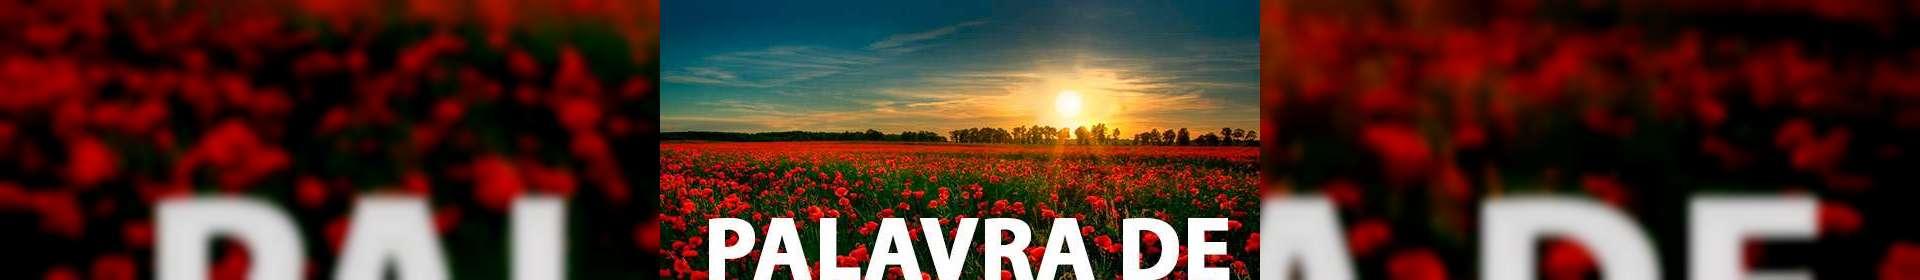 Êxodo 16:4,5 - Uma Palavra de Esperança para sua vida